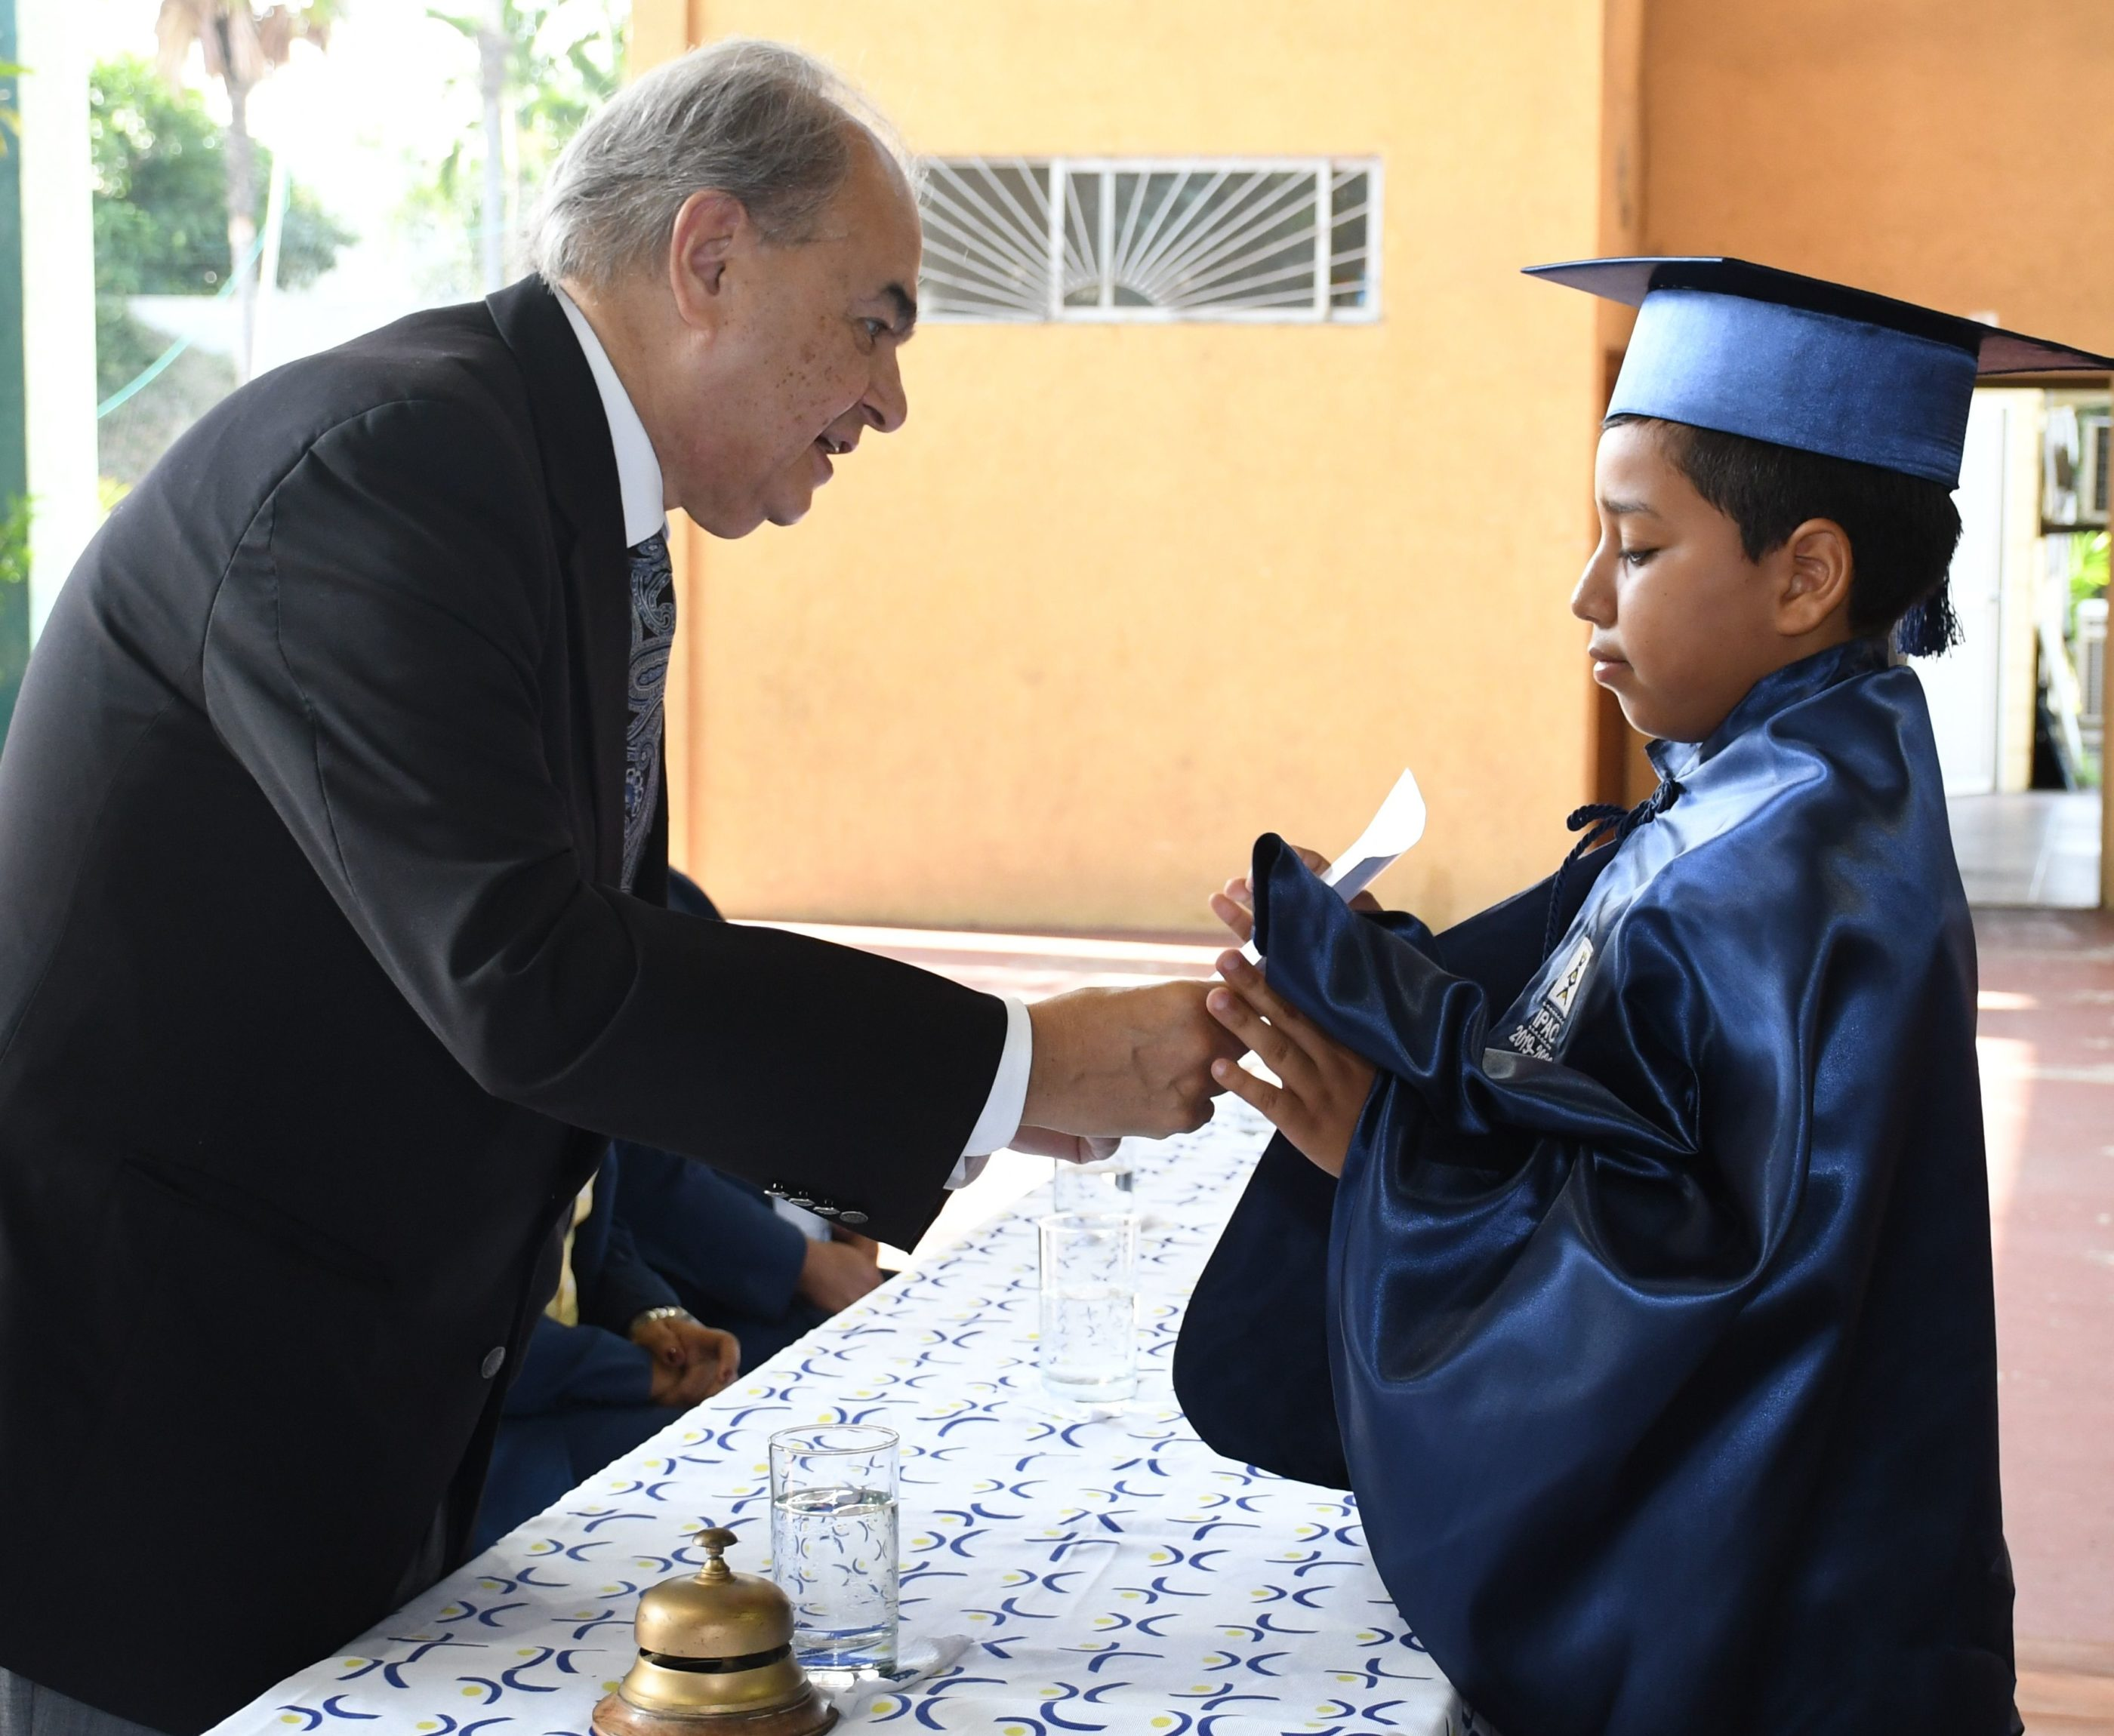 Entrega de Diploma al estudiante con m†s alto promedio en su trayectoria estudiantil Marcos Romero Zajia